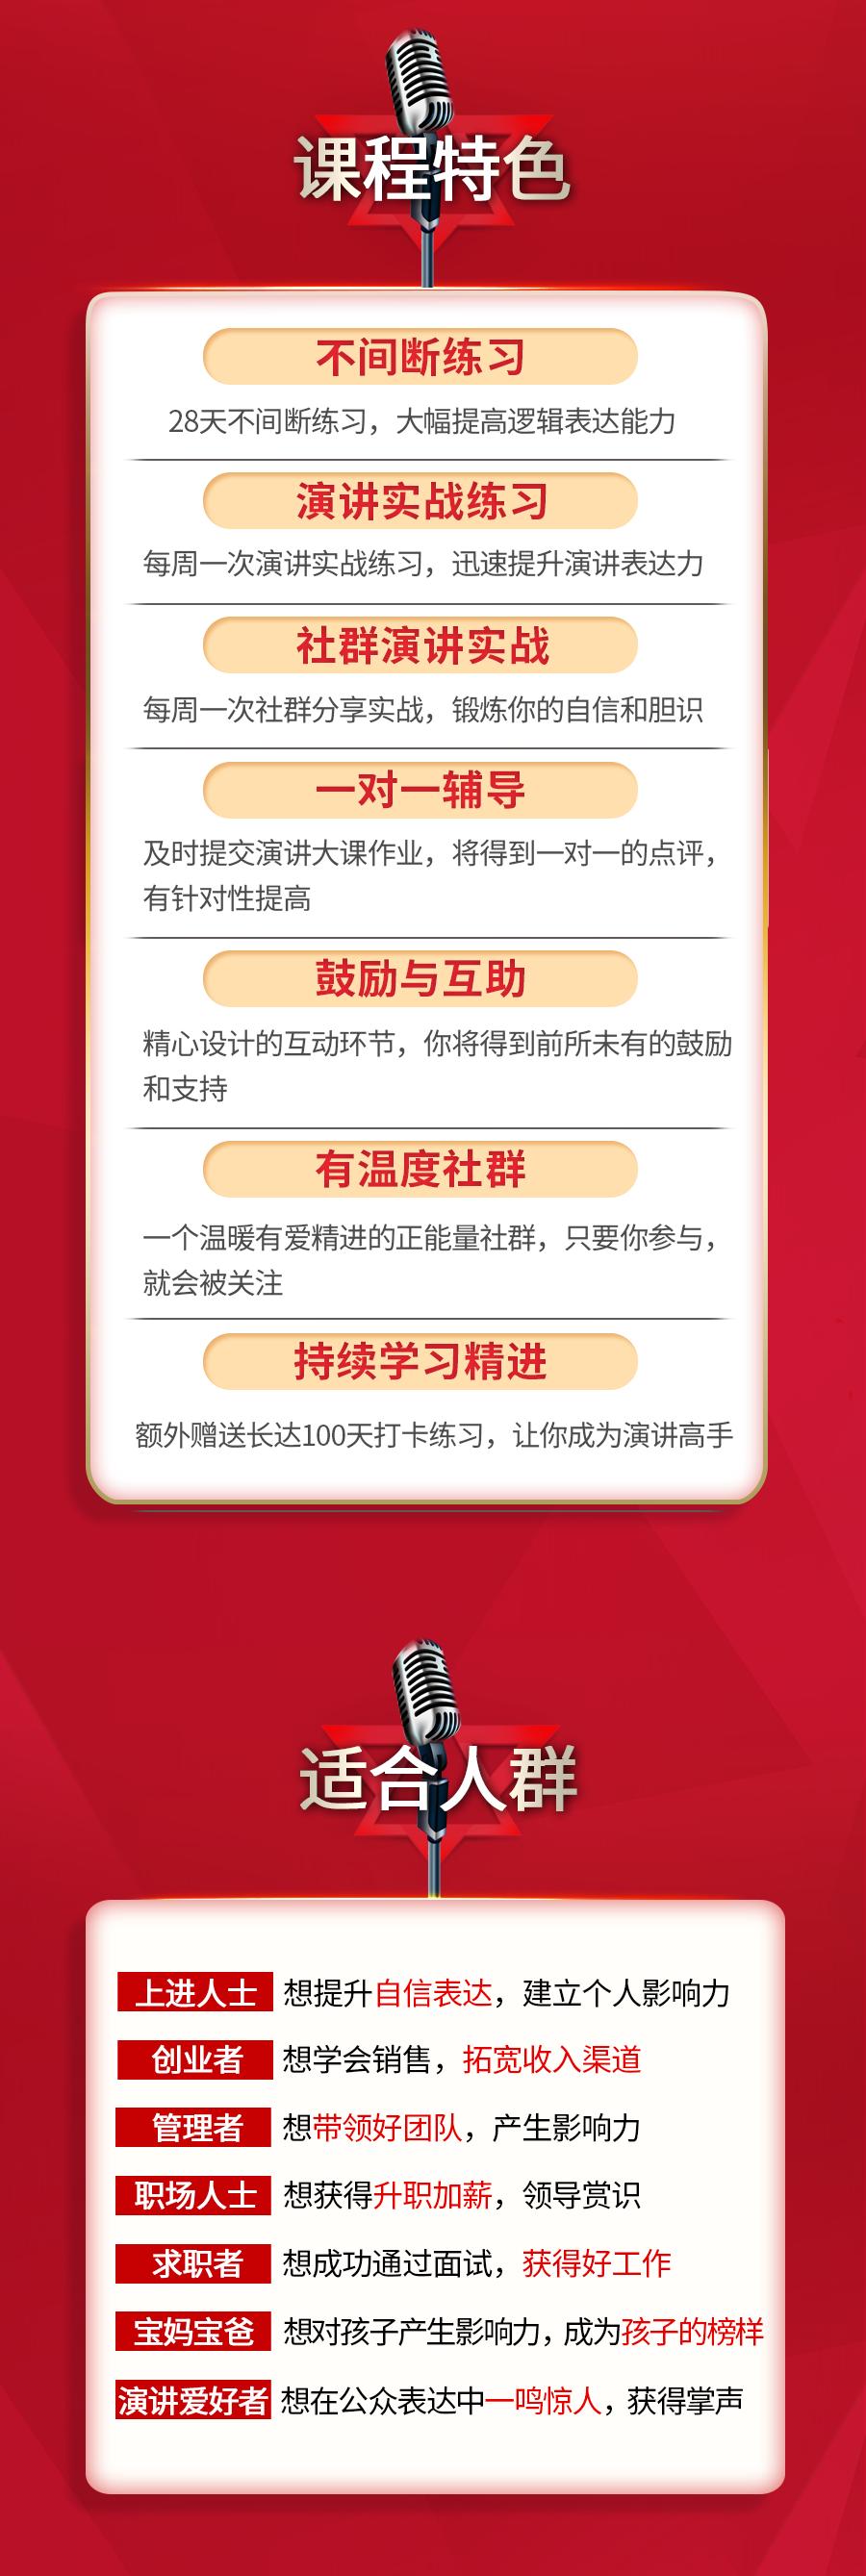 演讲长图3-0319-V2.png